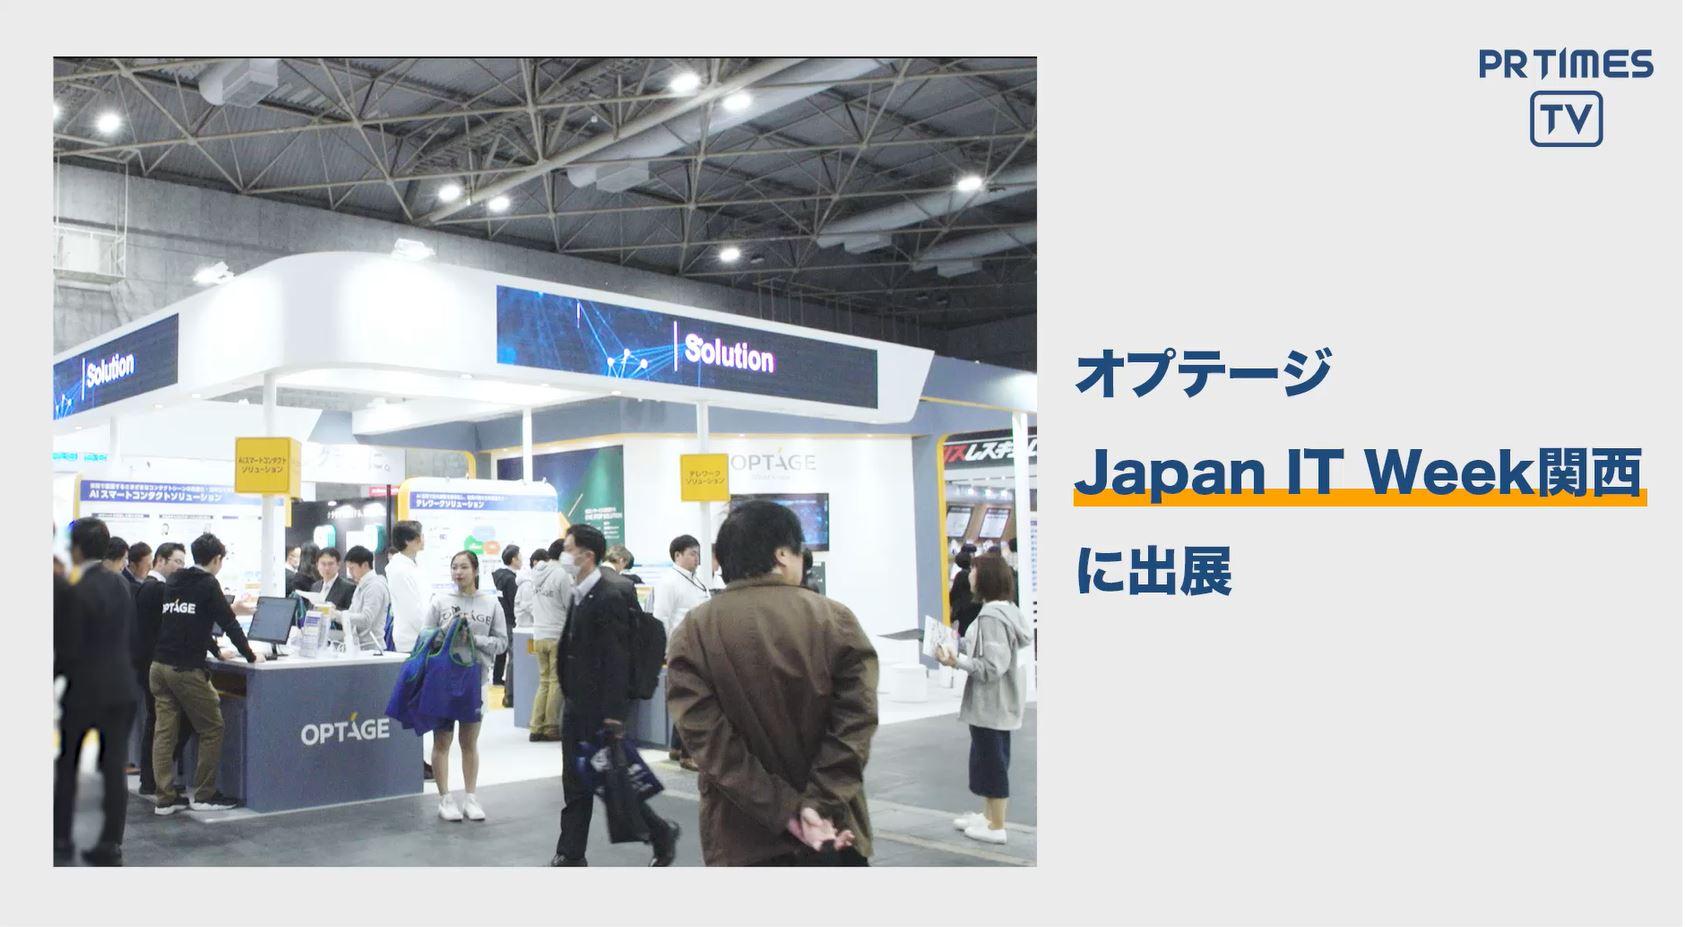 オプテージ、「ローカル5G」事業に参入 Japan IT Week関西に初出展